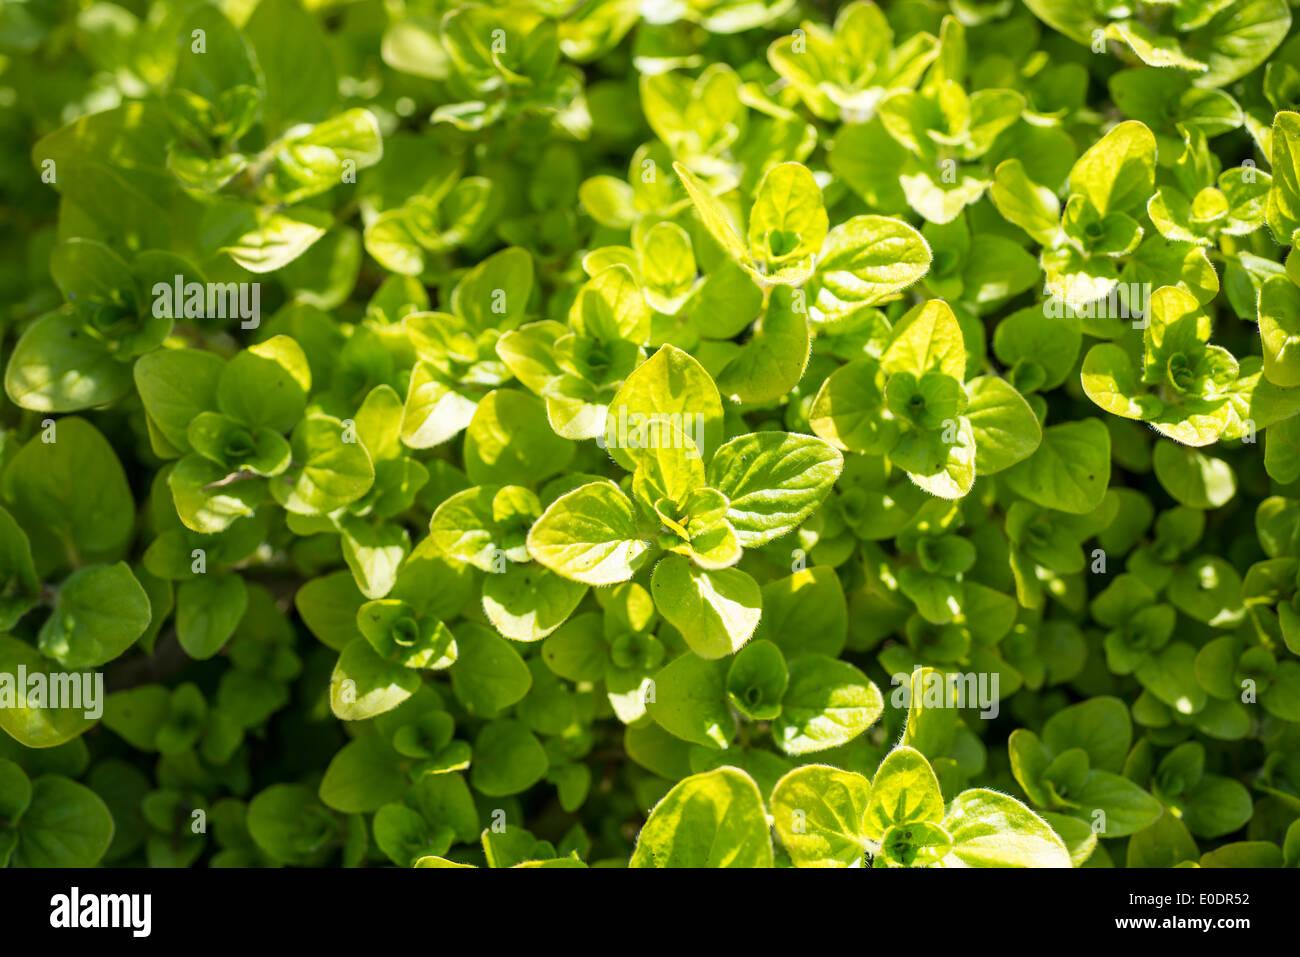 Golden Marjoram herb - Stock Image